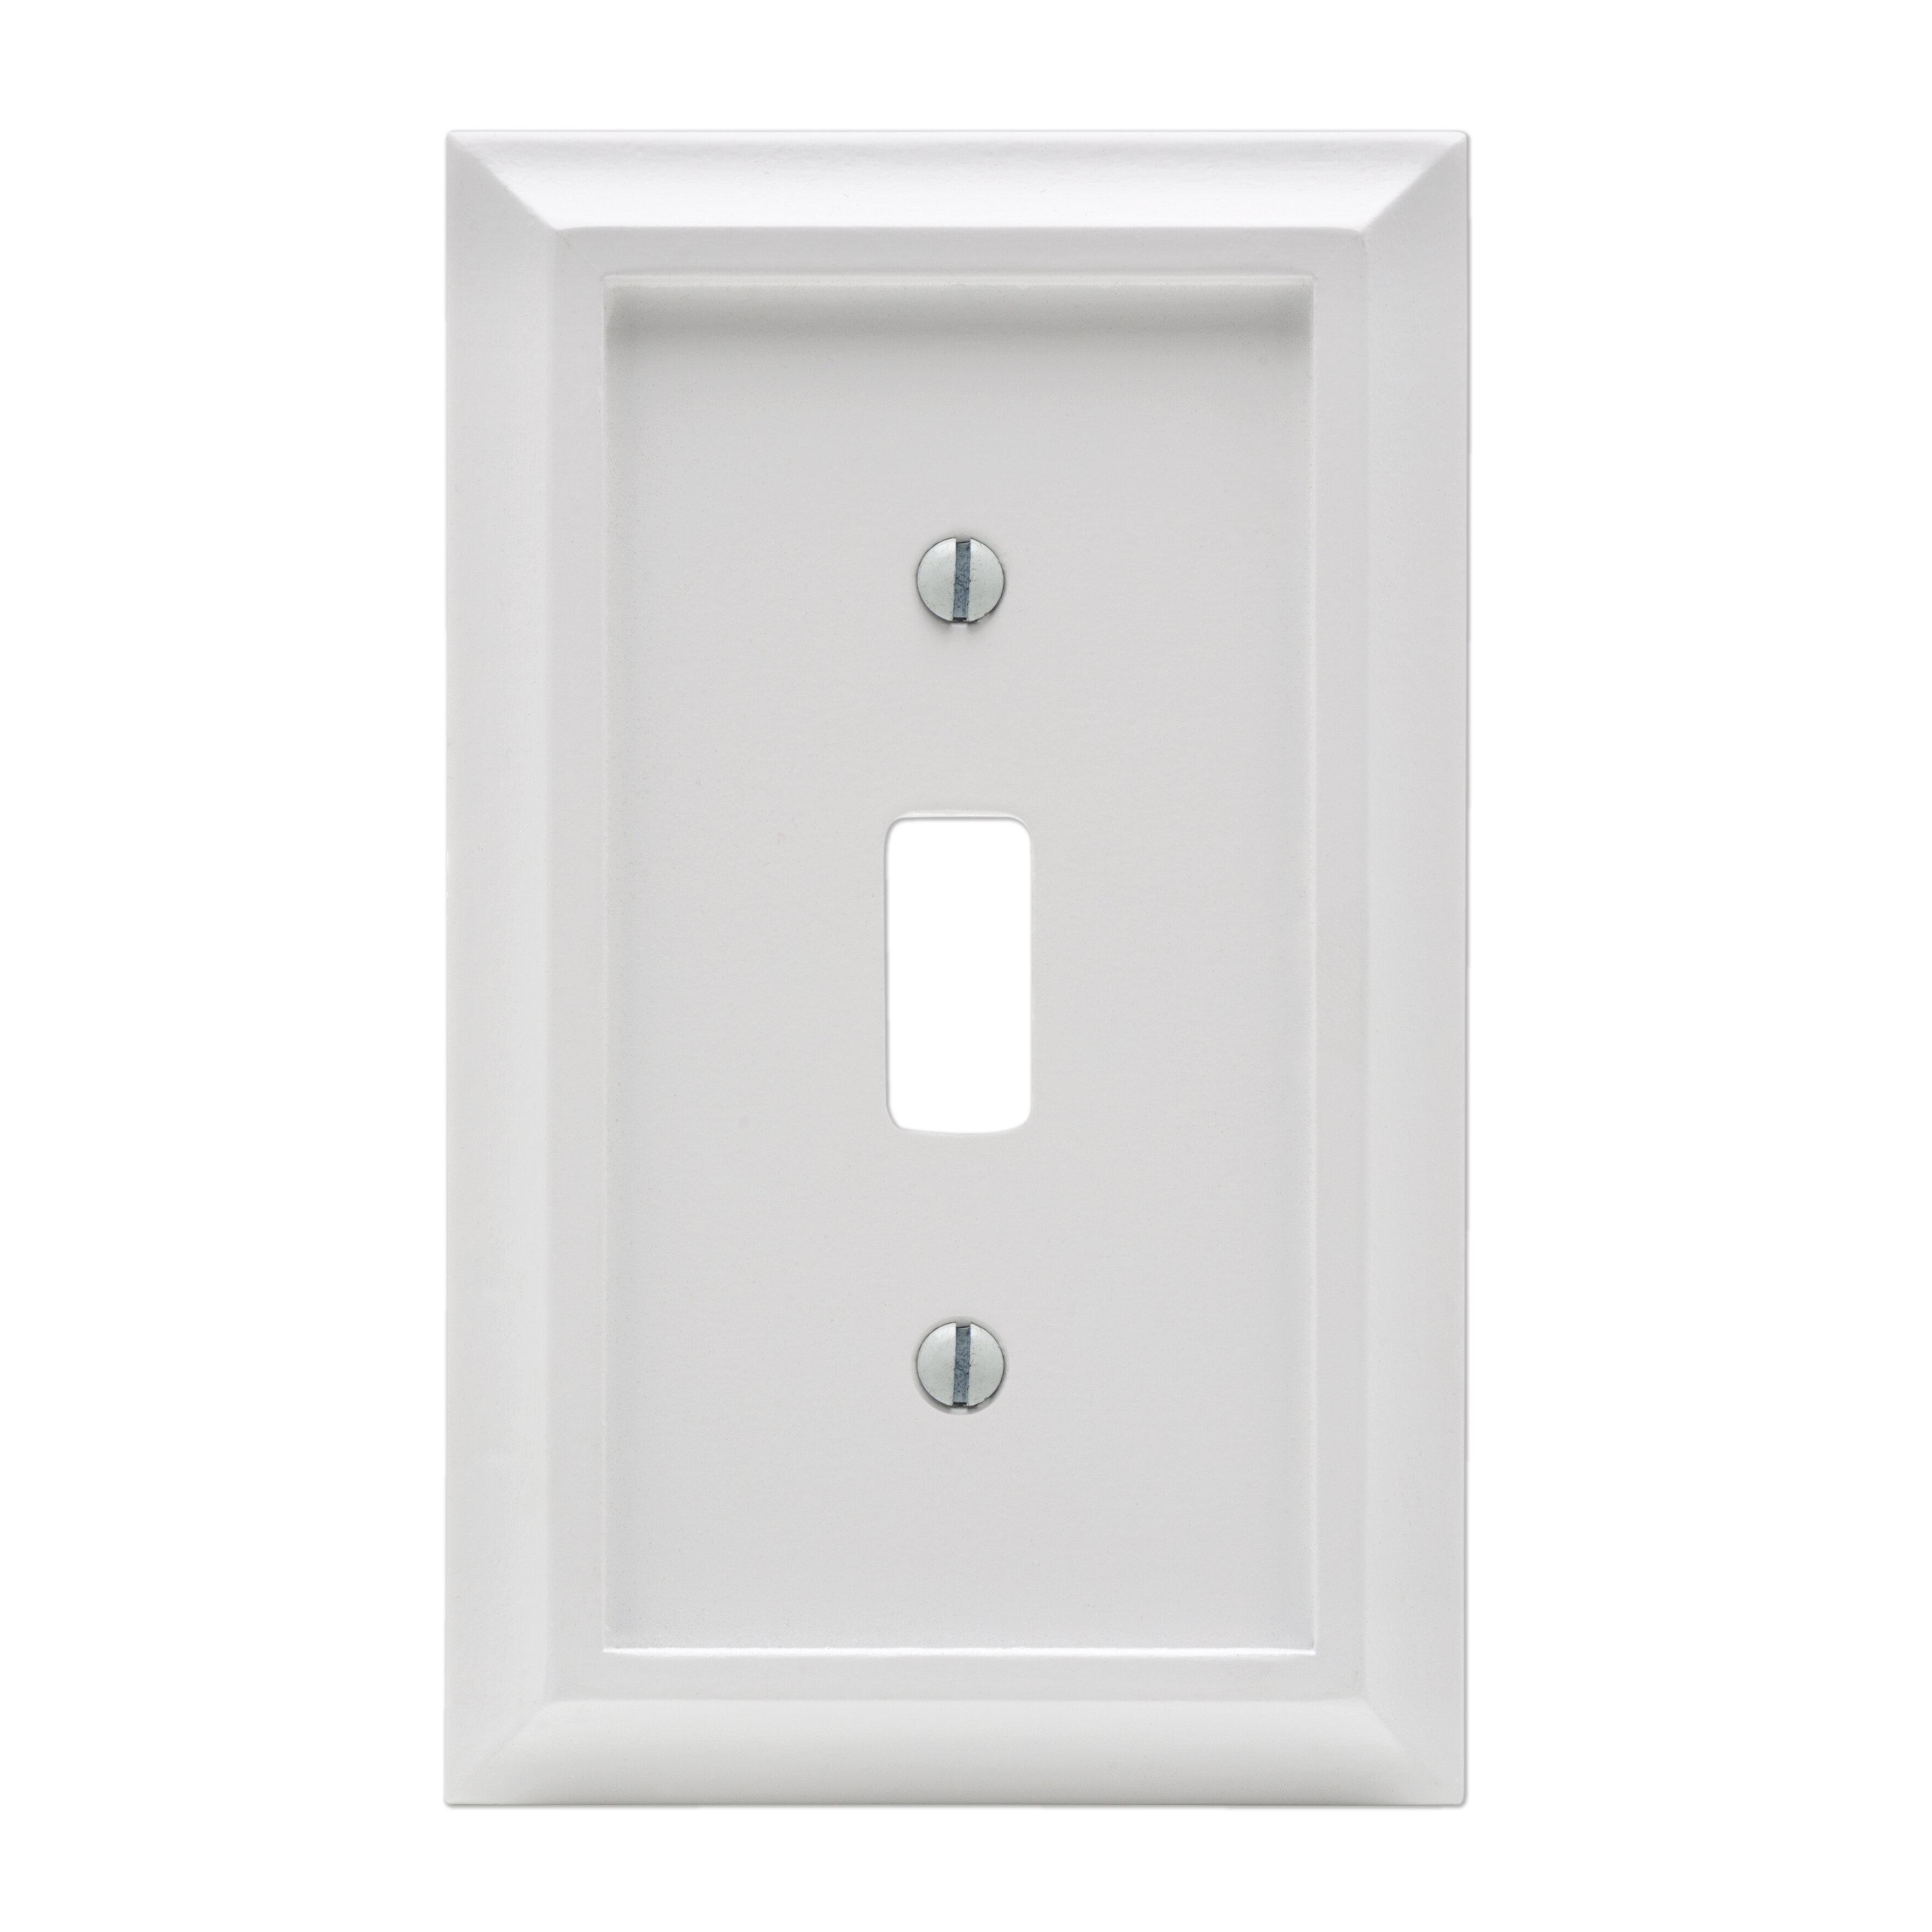 Amertac Deerfield 1 Gang Toggle Light Switch Wall Plate Wayfair